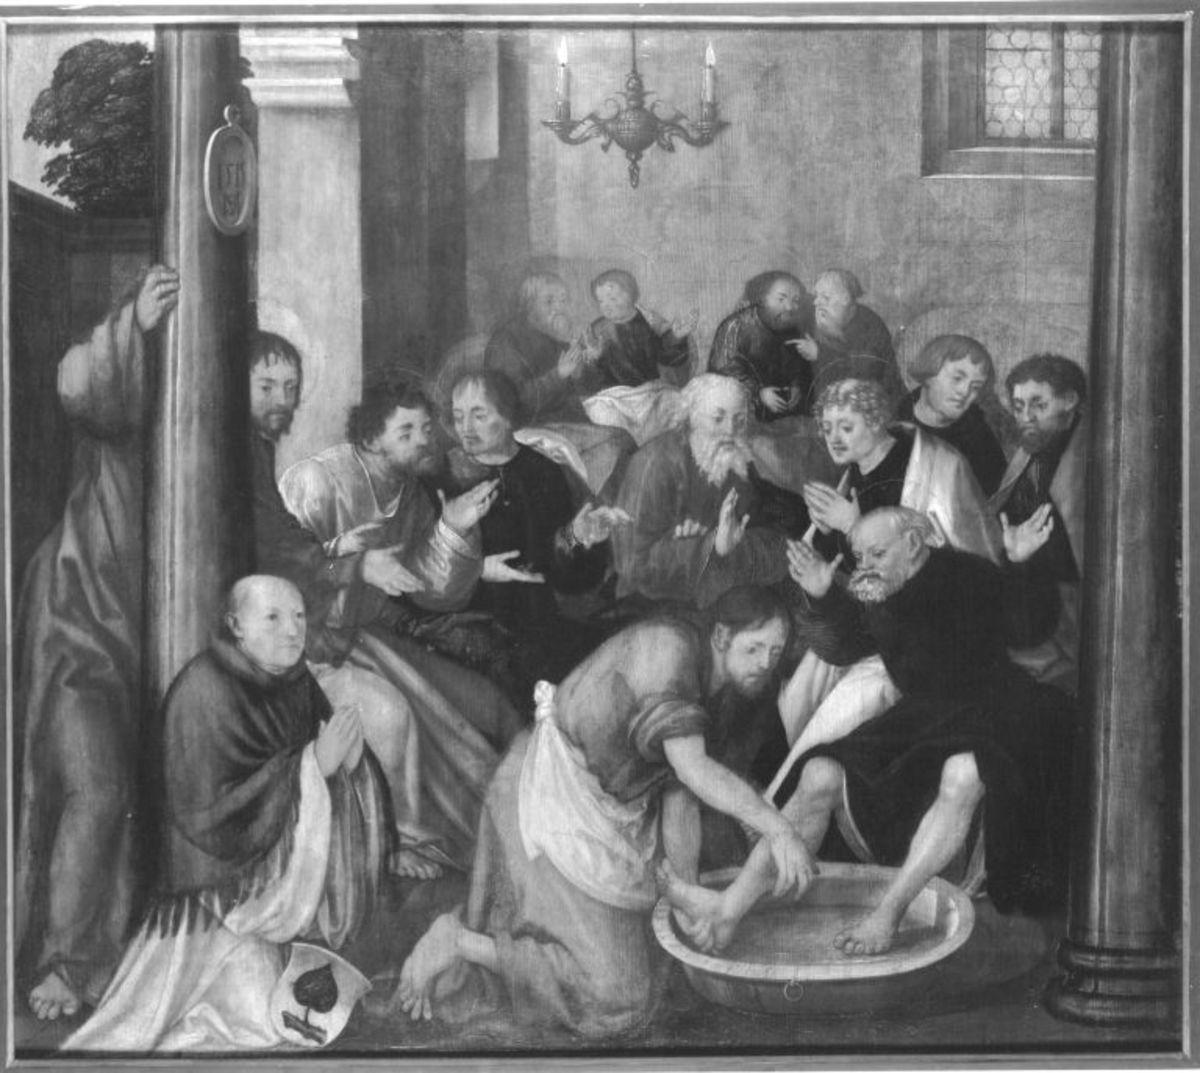 Erster Wettenhauser Altar: Fußwaschung Christi Rückseite: nicht erhalten